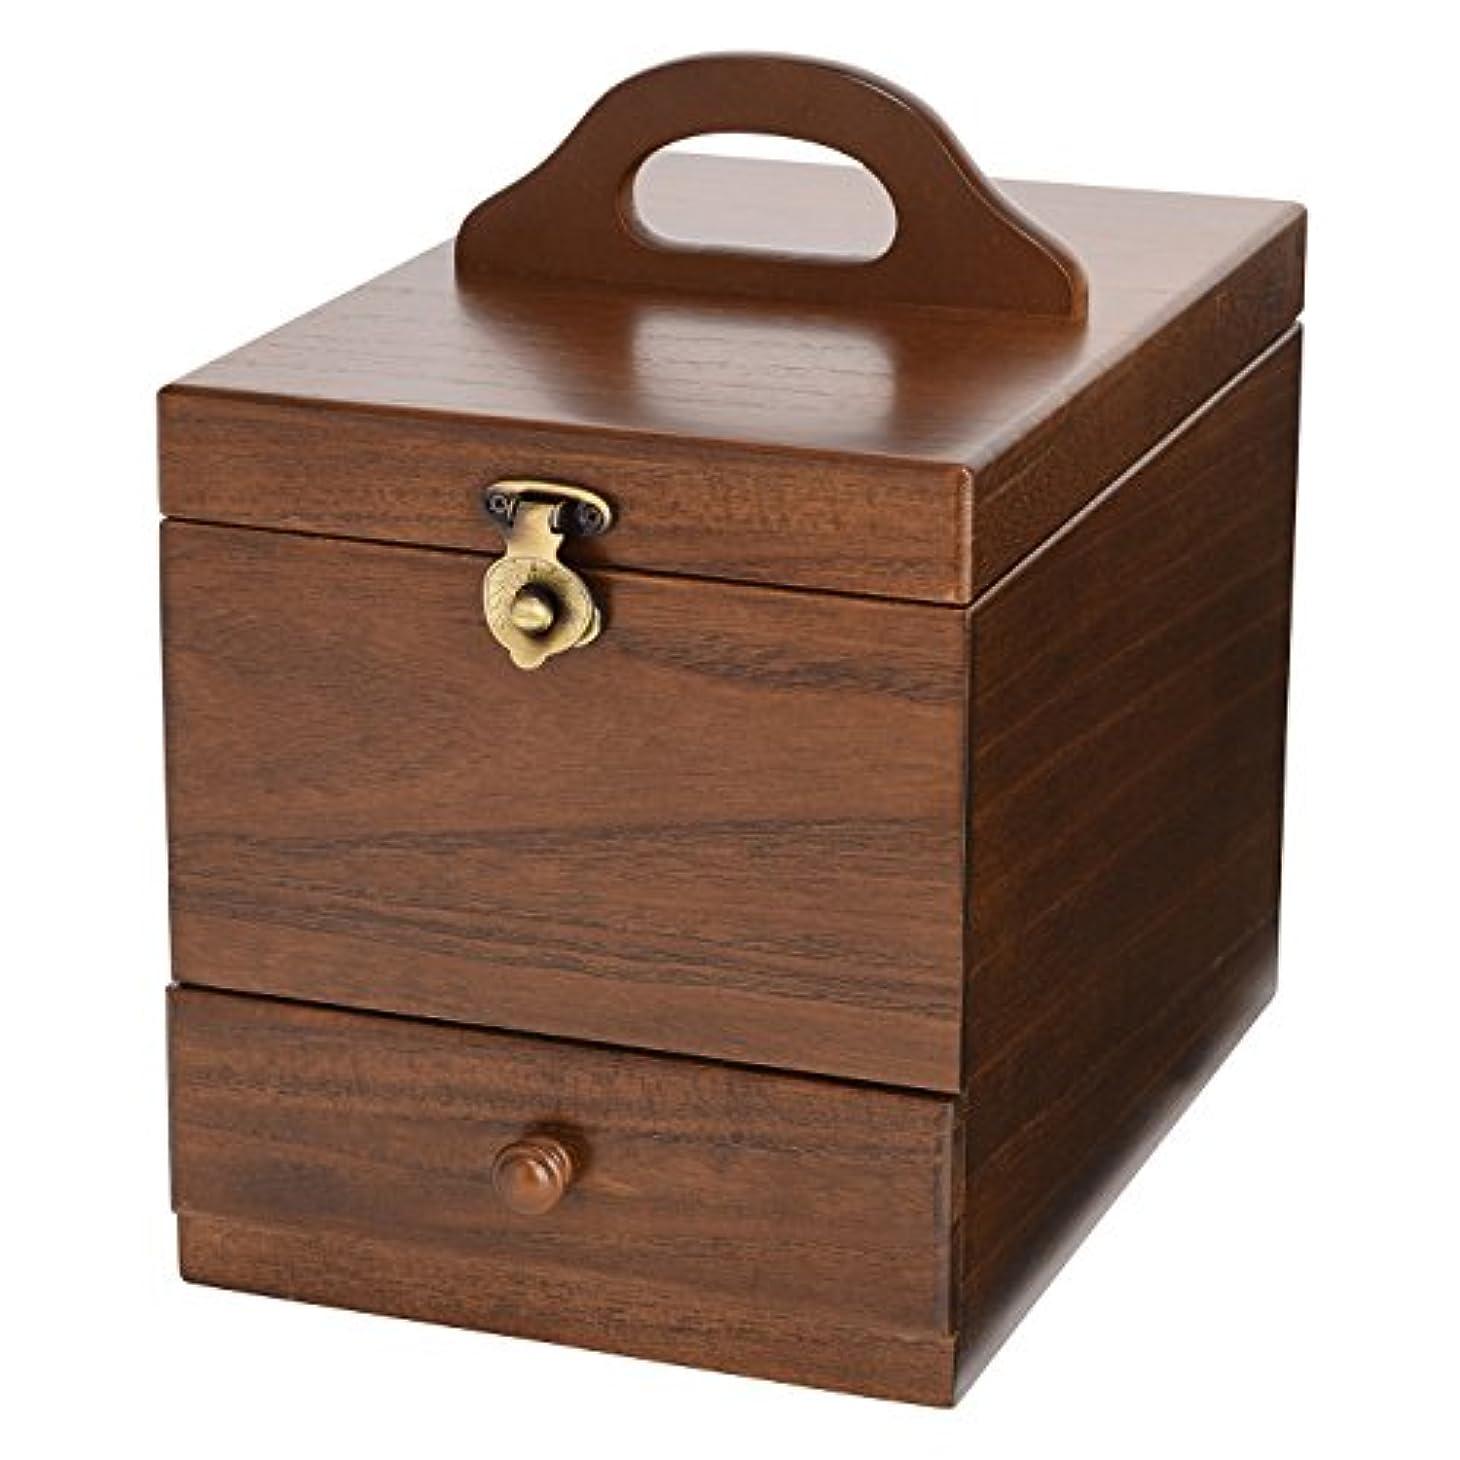 デュアル備品安心させるコスメボックス 日本製 静岡の熟練の木工職人の手作り 017-513